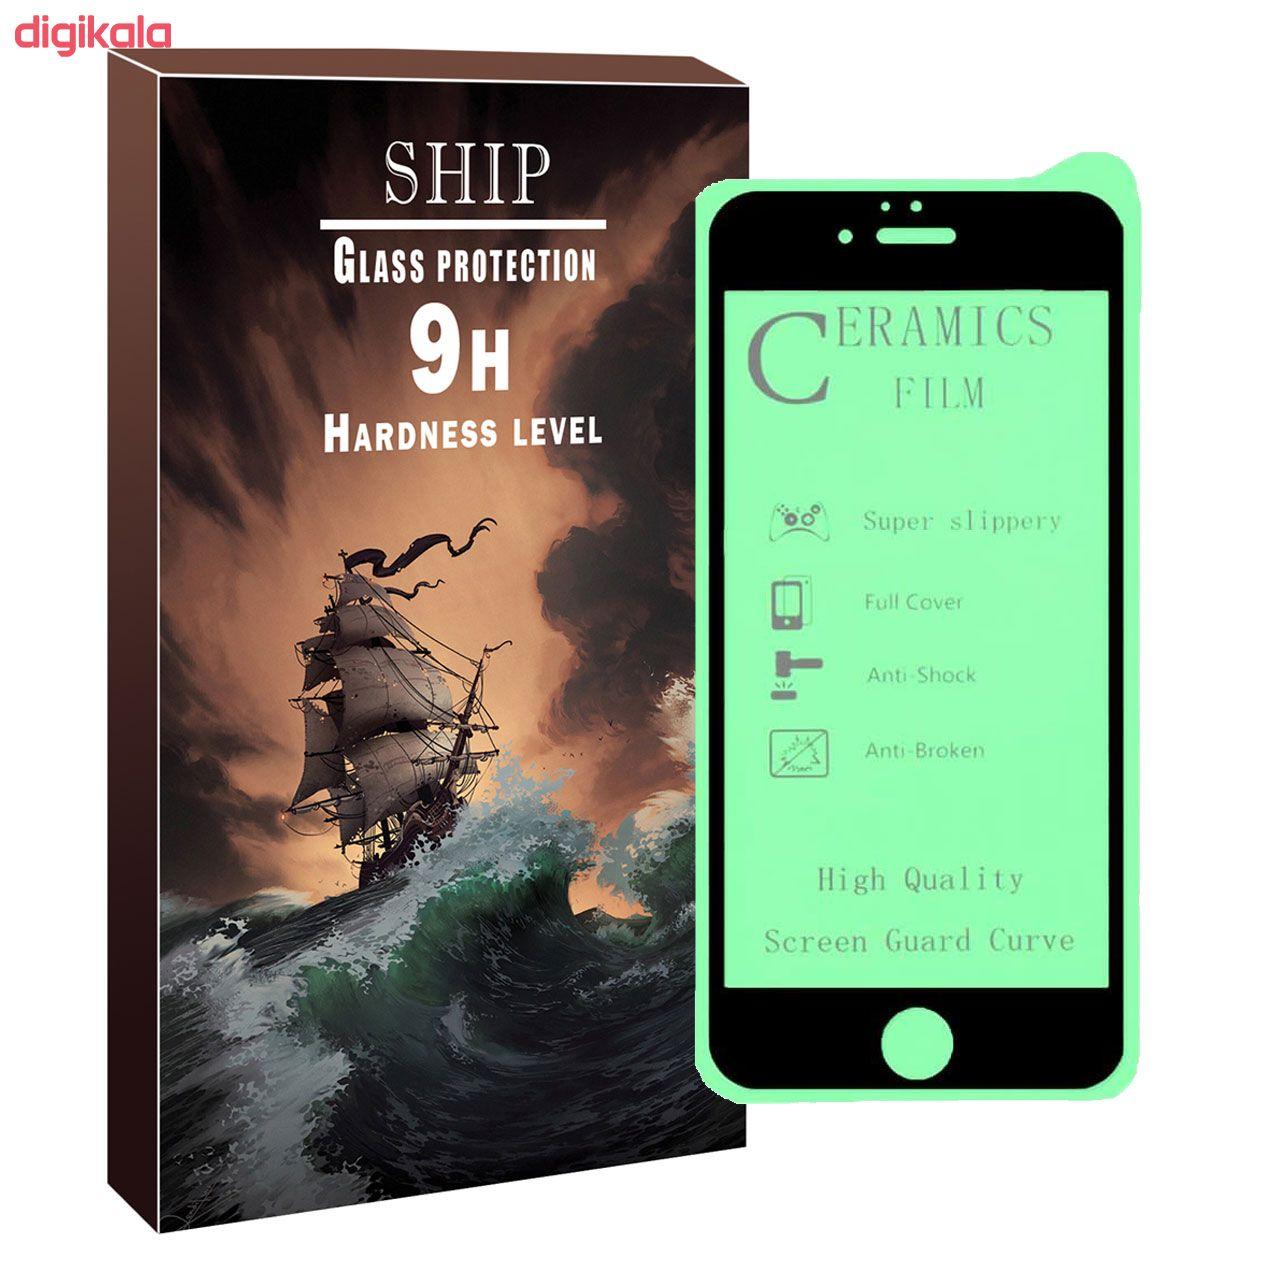 محافظ صفحه نمایش شیپ مدل shcrm-01 مناسب برای گوشی موبایل اپل Iphone 6/6s main 1 1